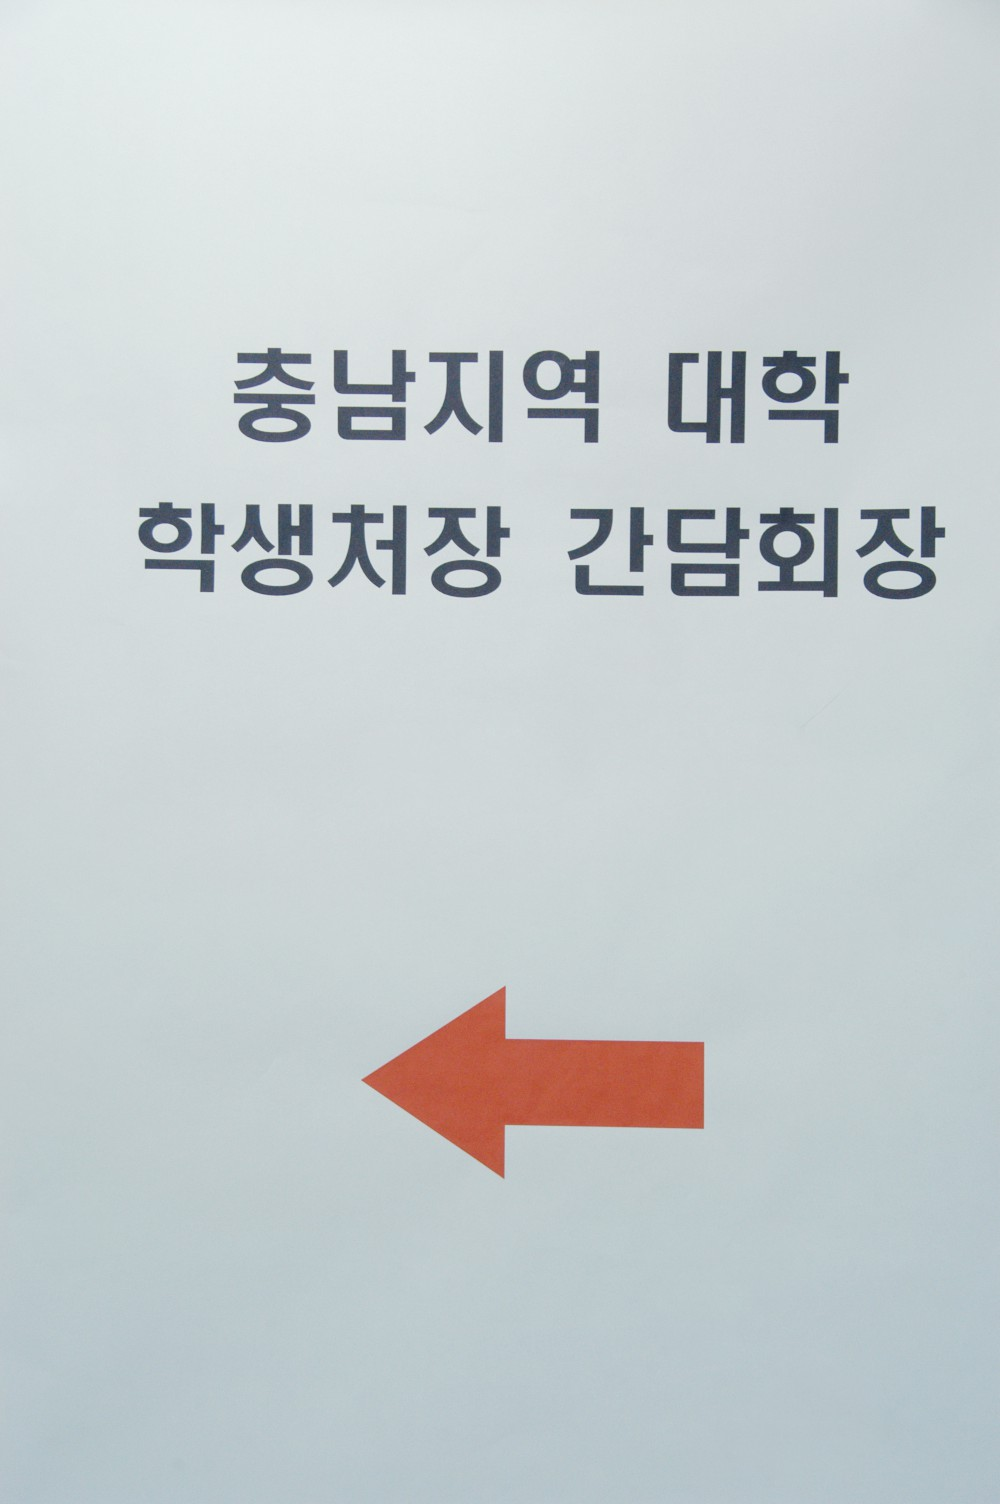 충남지역대학교 학생처장 간담회